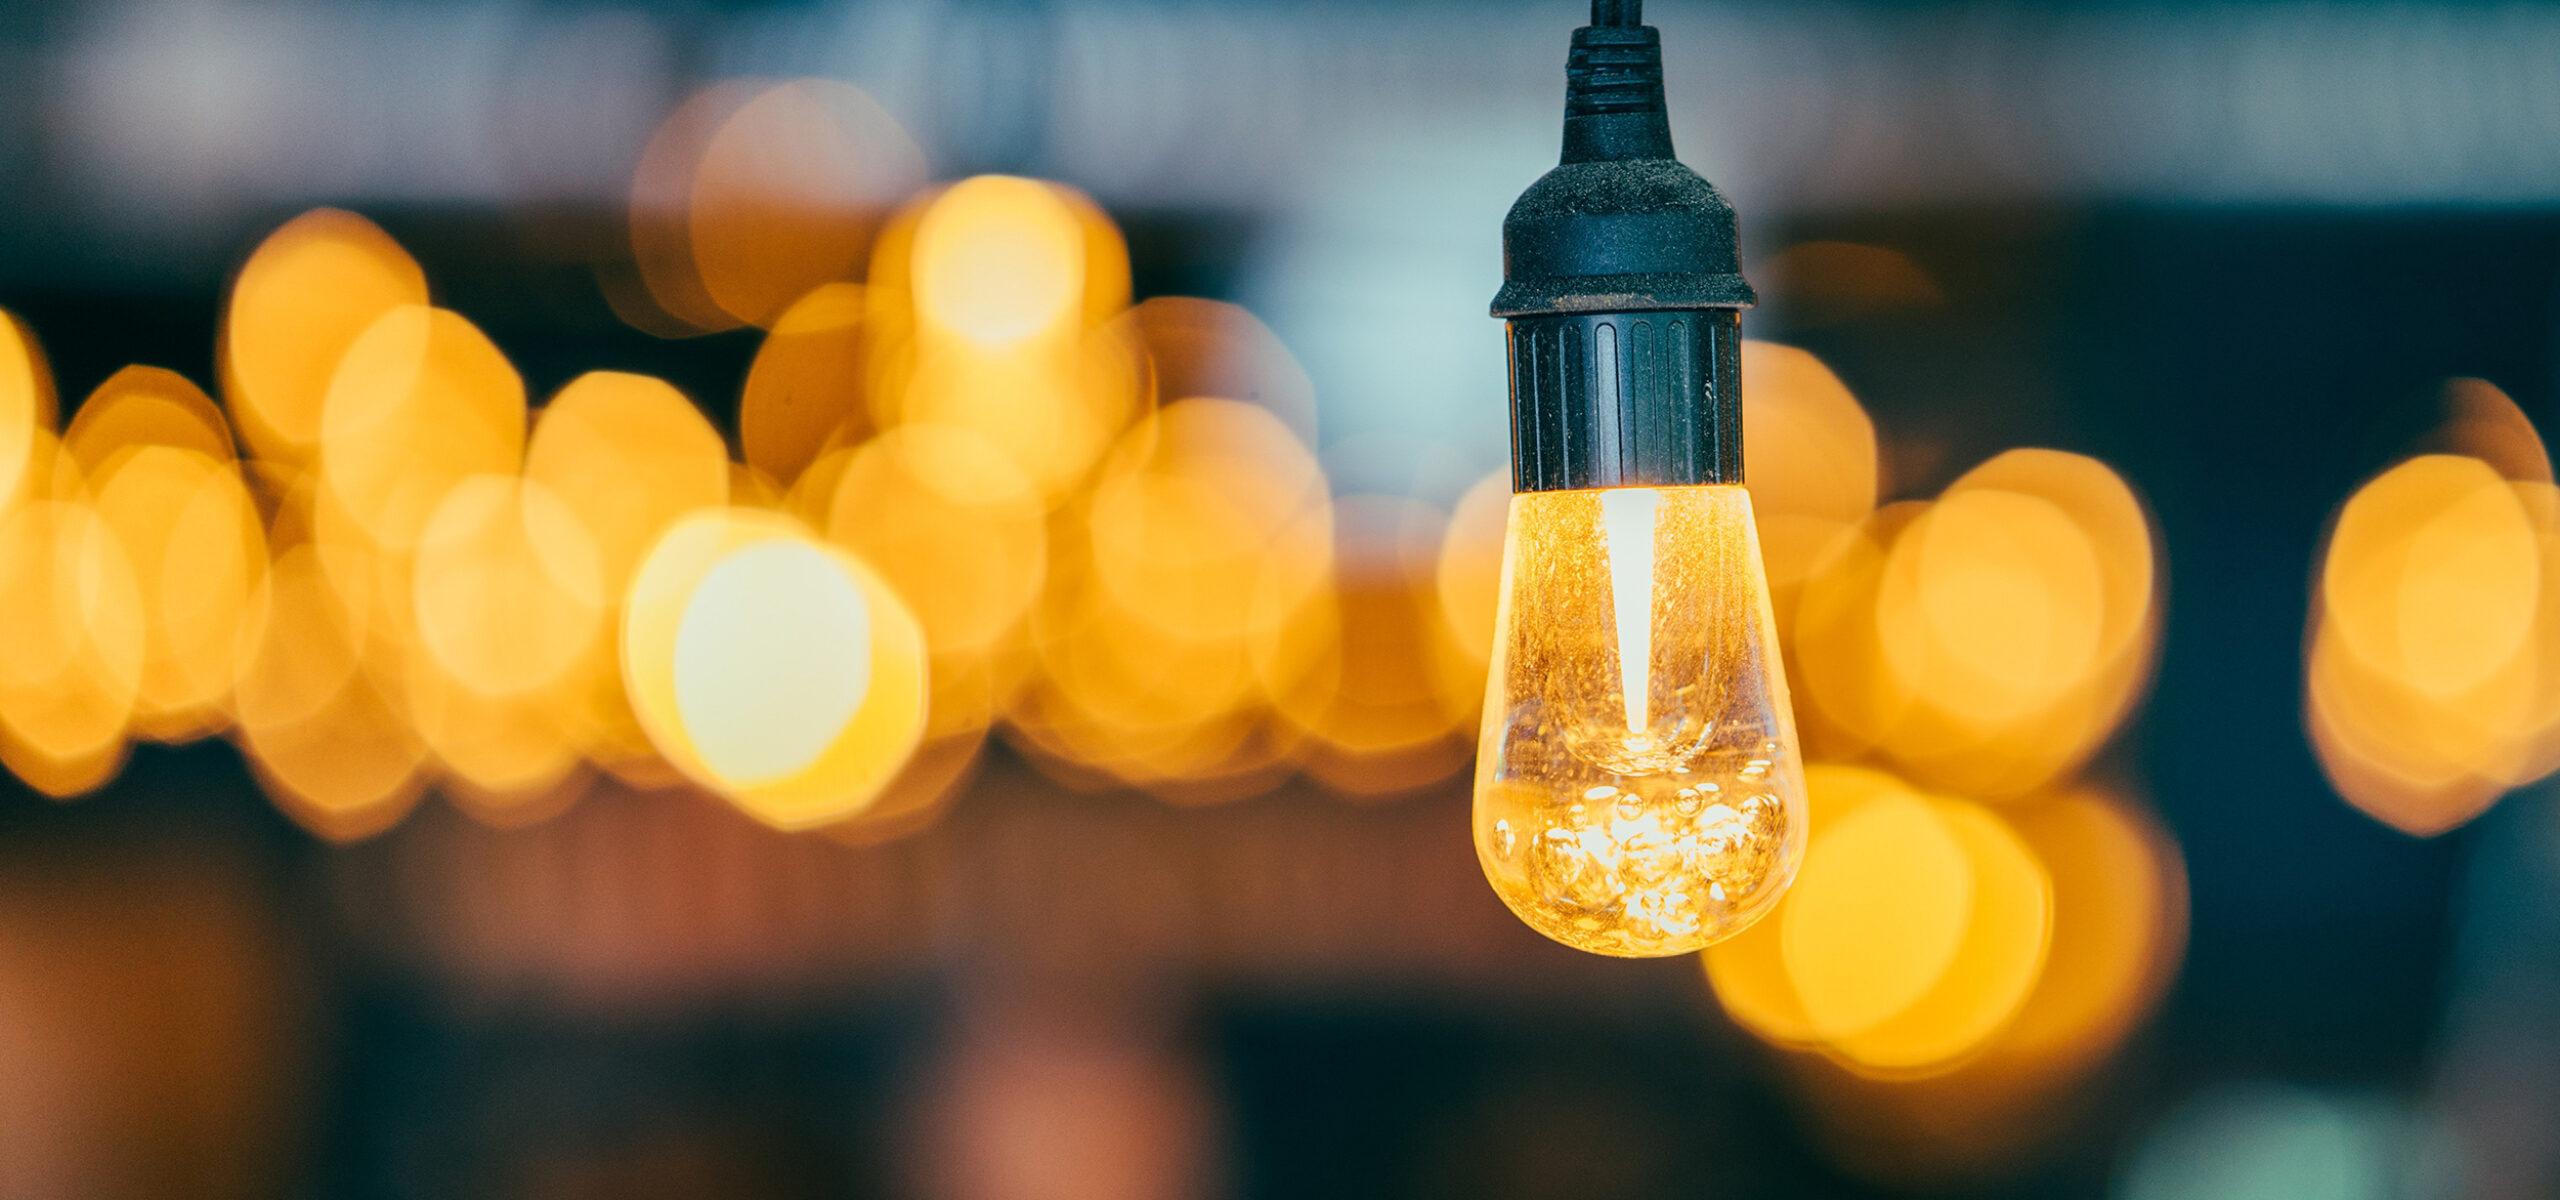 Light bulb against dark background